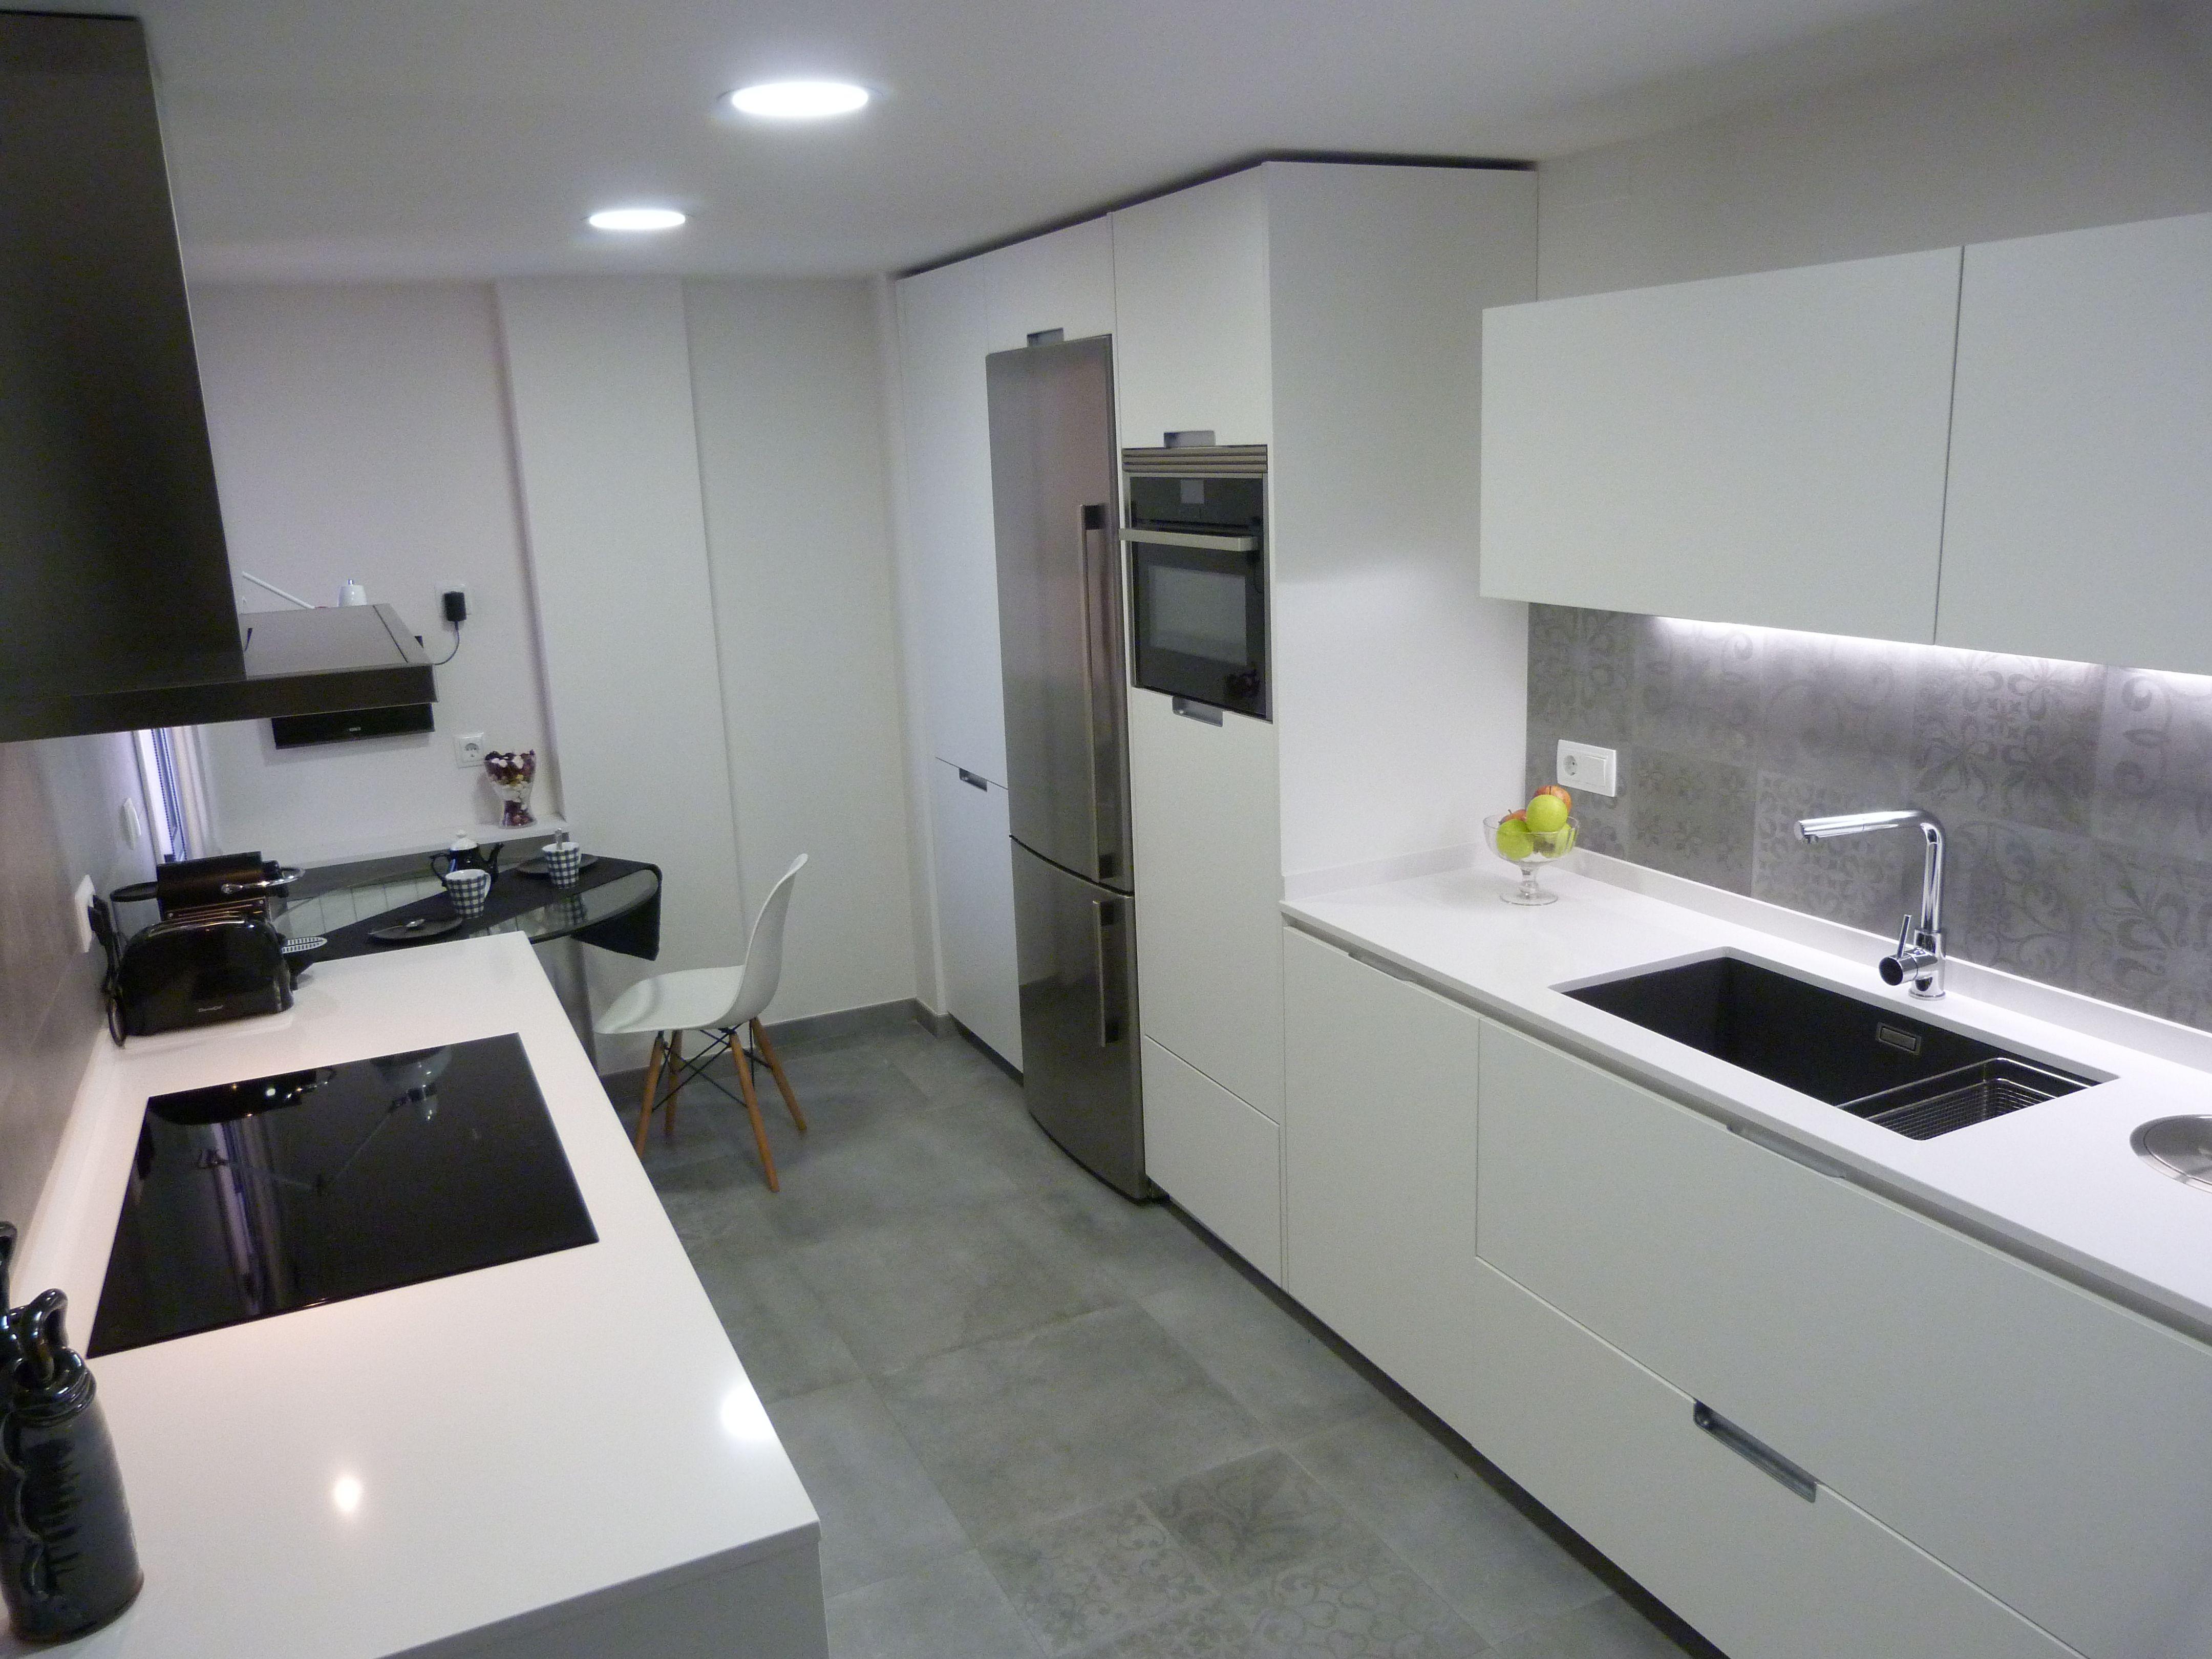 Cocina Blanca Y Gris, Mobiliario MINOS De SANTOS Http